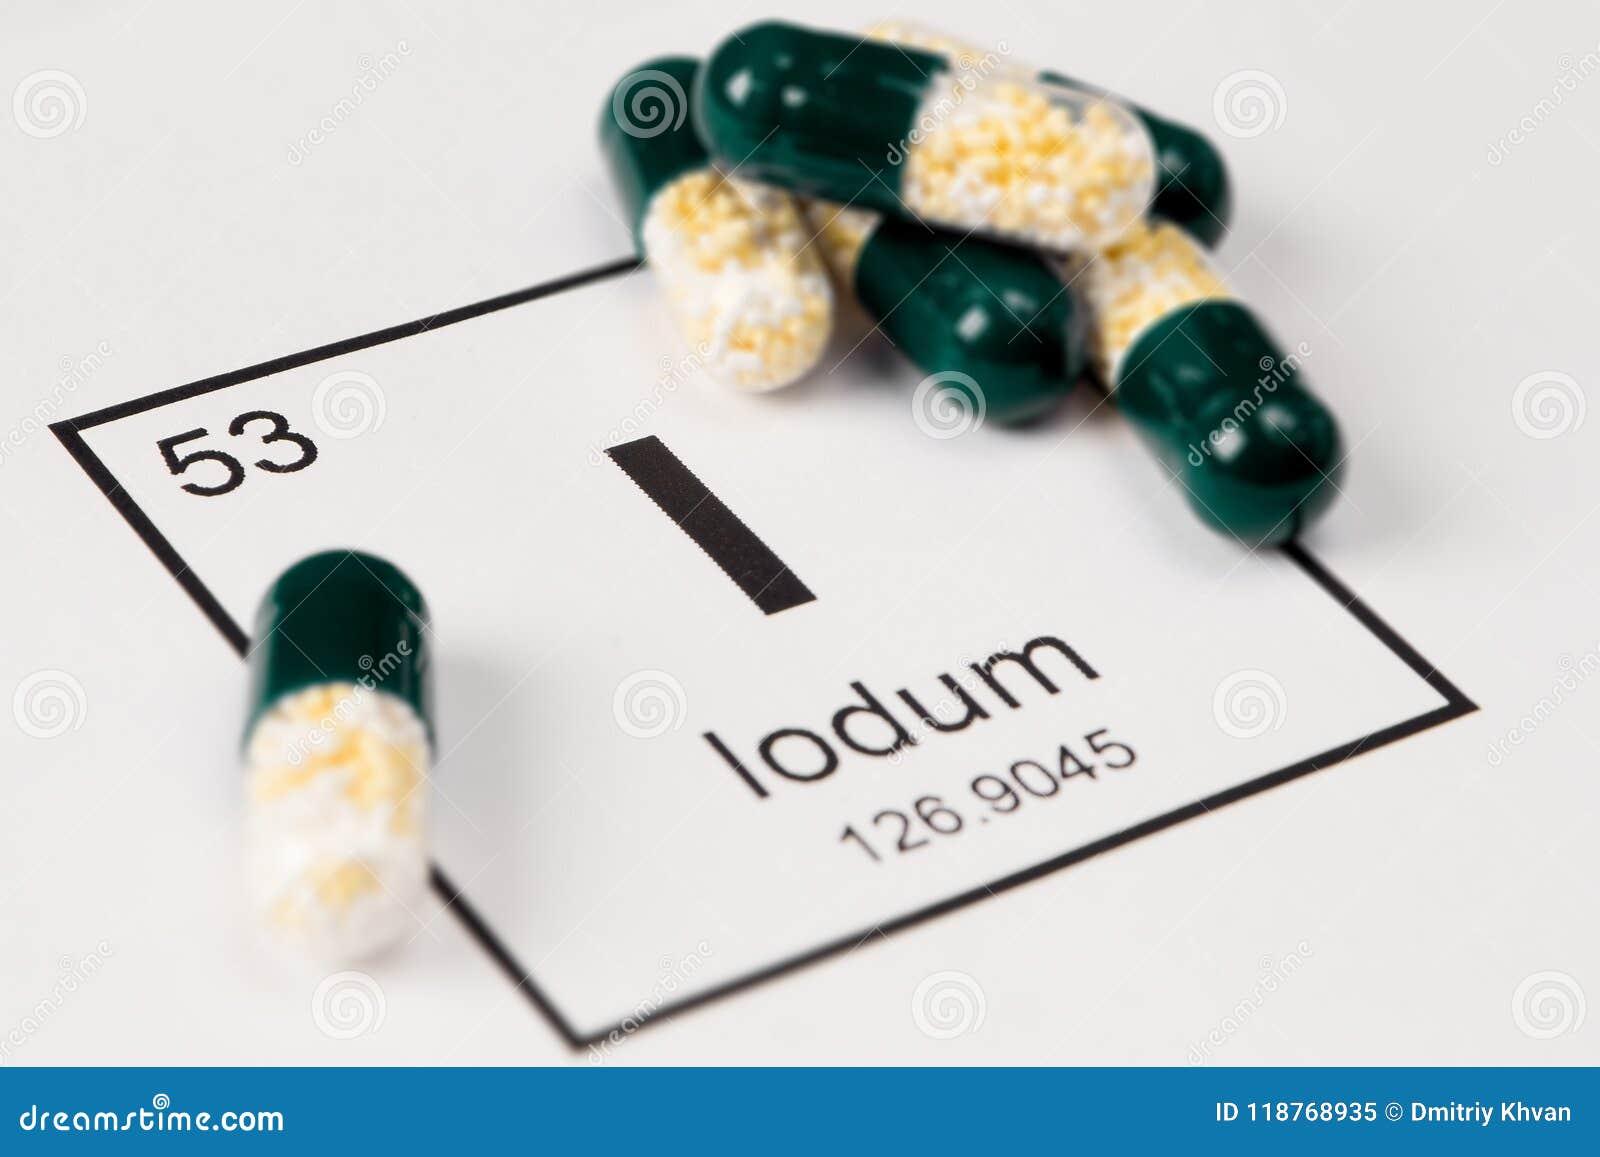 Grüne Pillen mit Mineral I Iodium auf einem weißen Hintergrund mit a